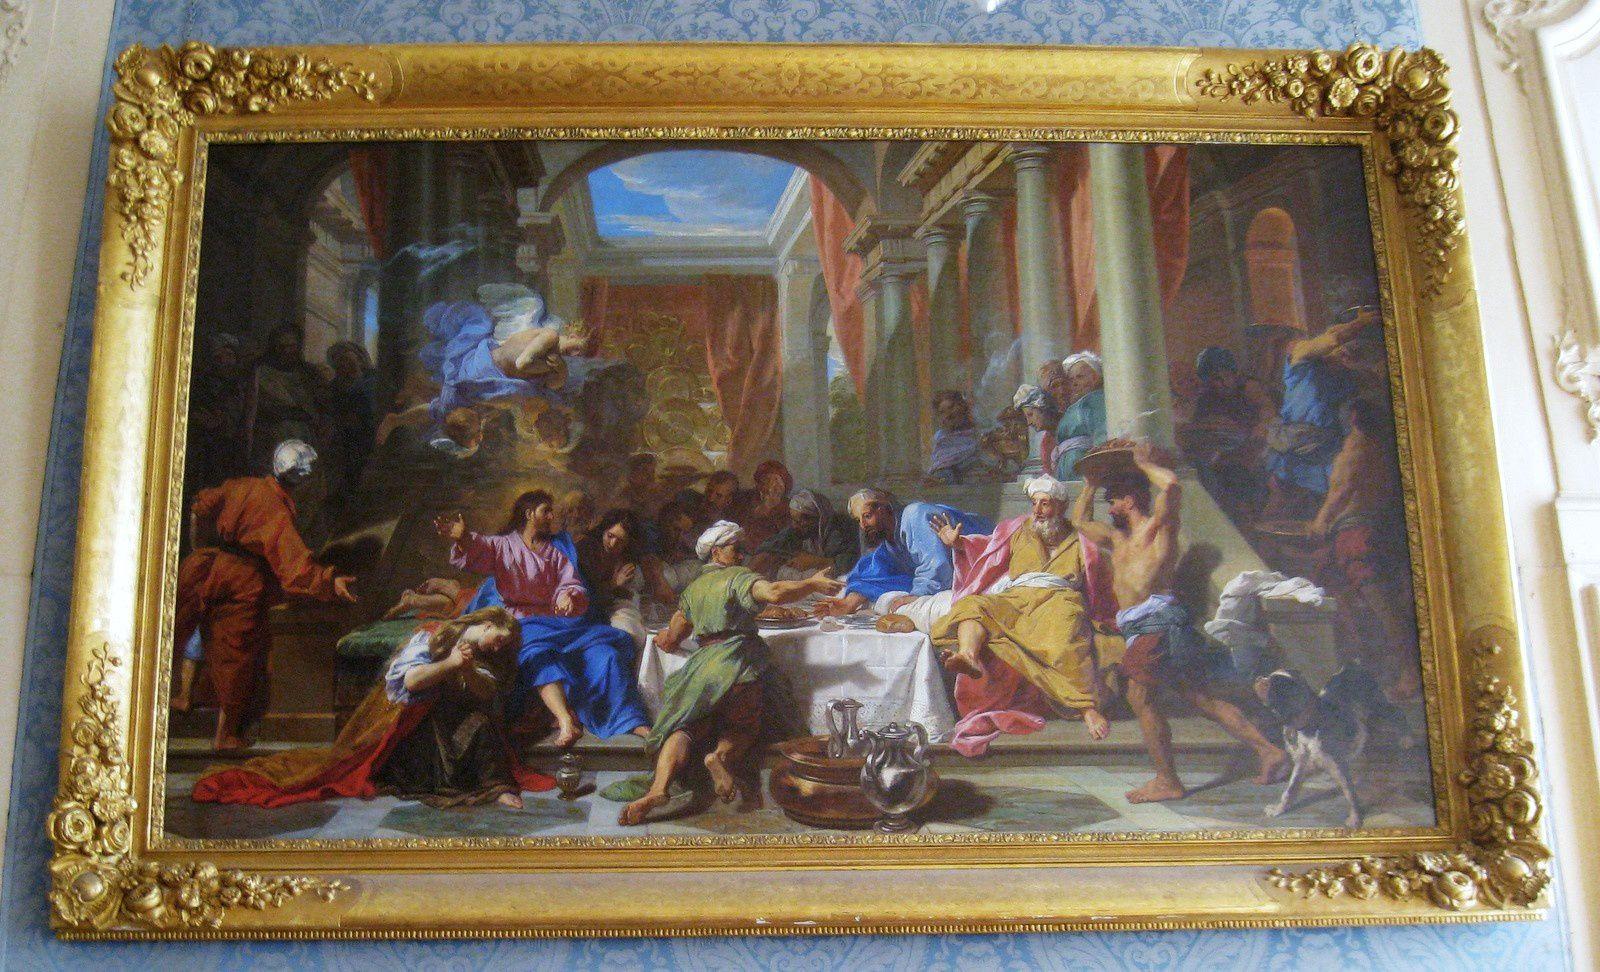 Le repas chez Simon, tableau de Jean-Baptiste Jouvenet